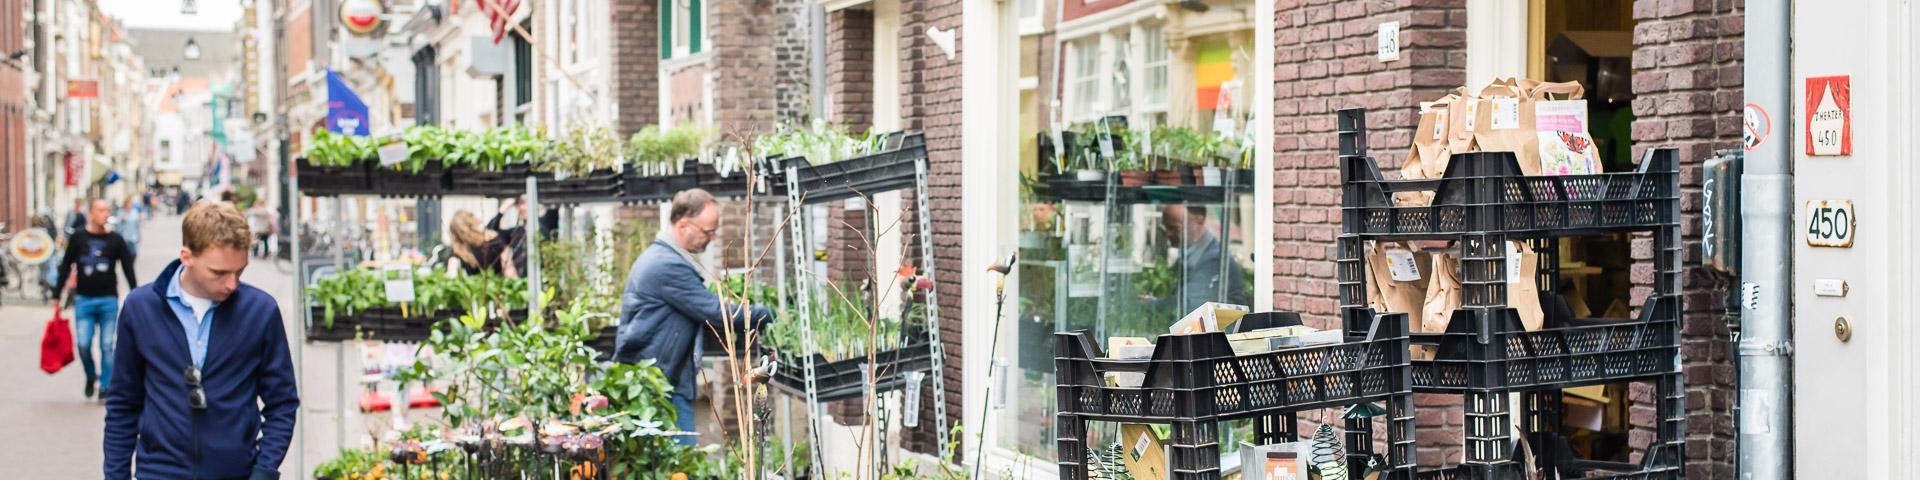 Voorstraat West FvH 20170401 6994